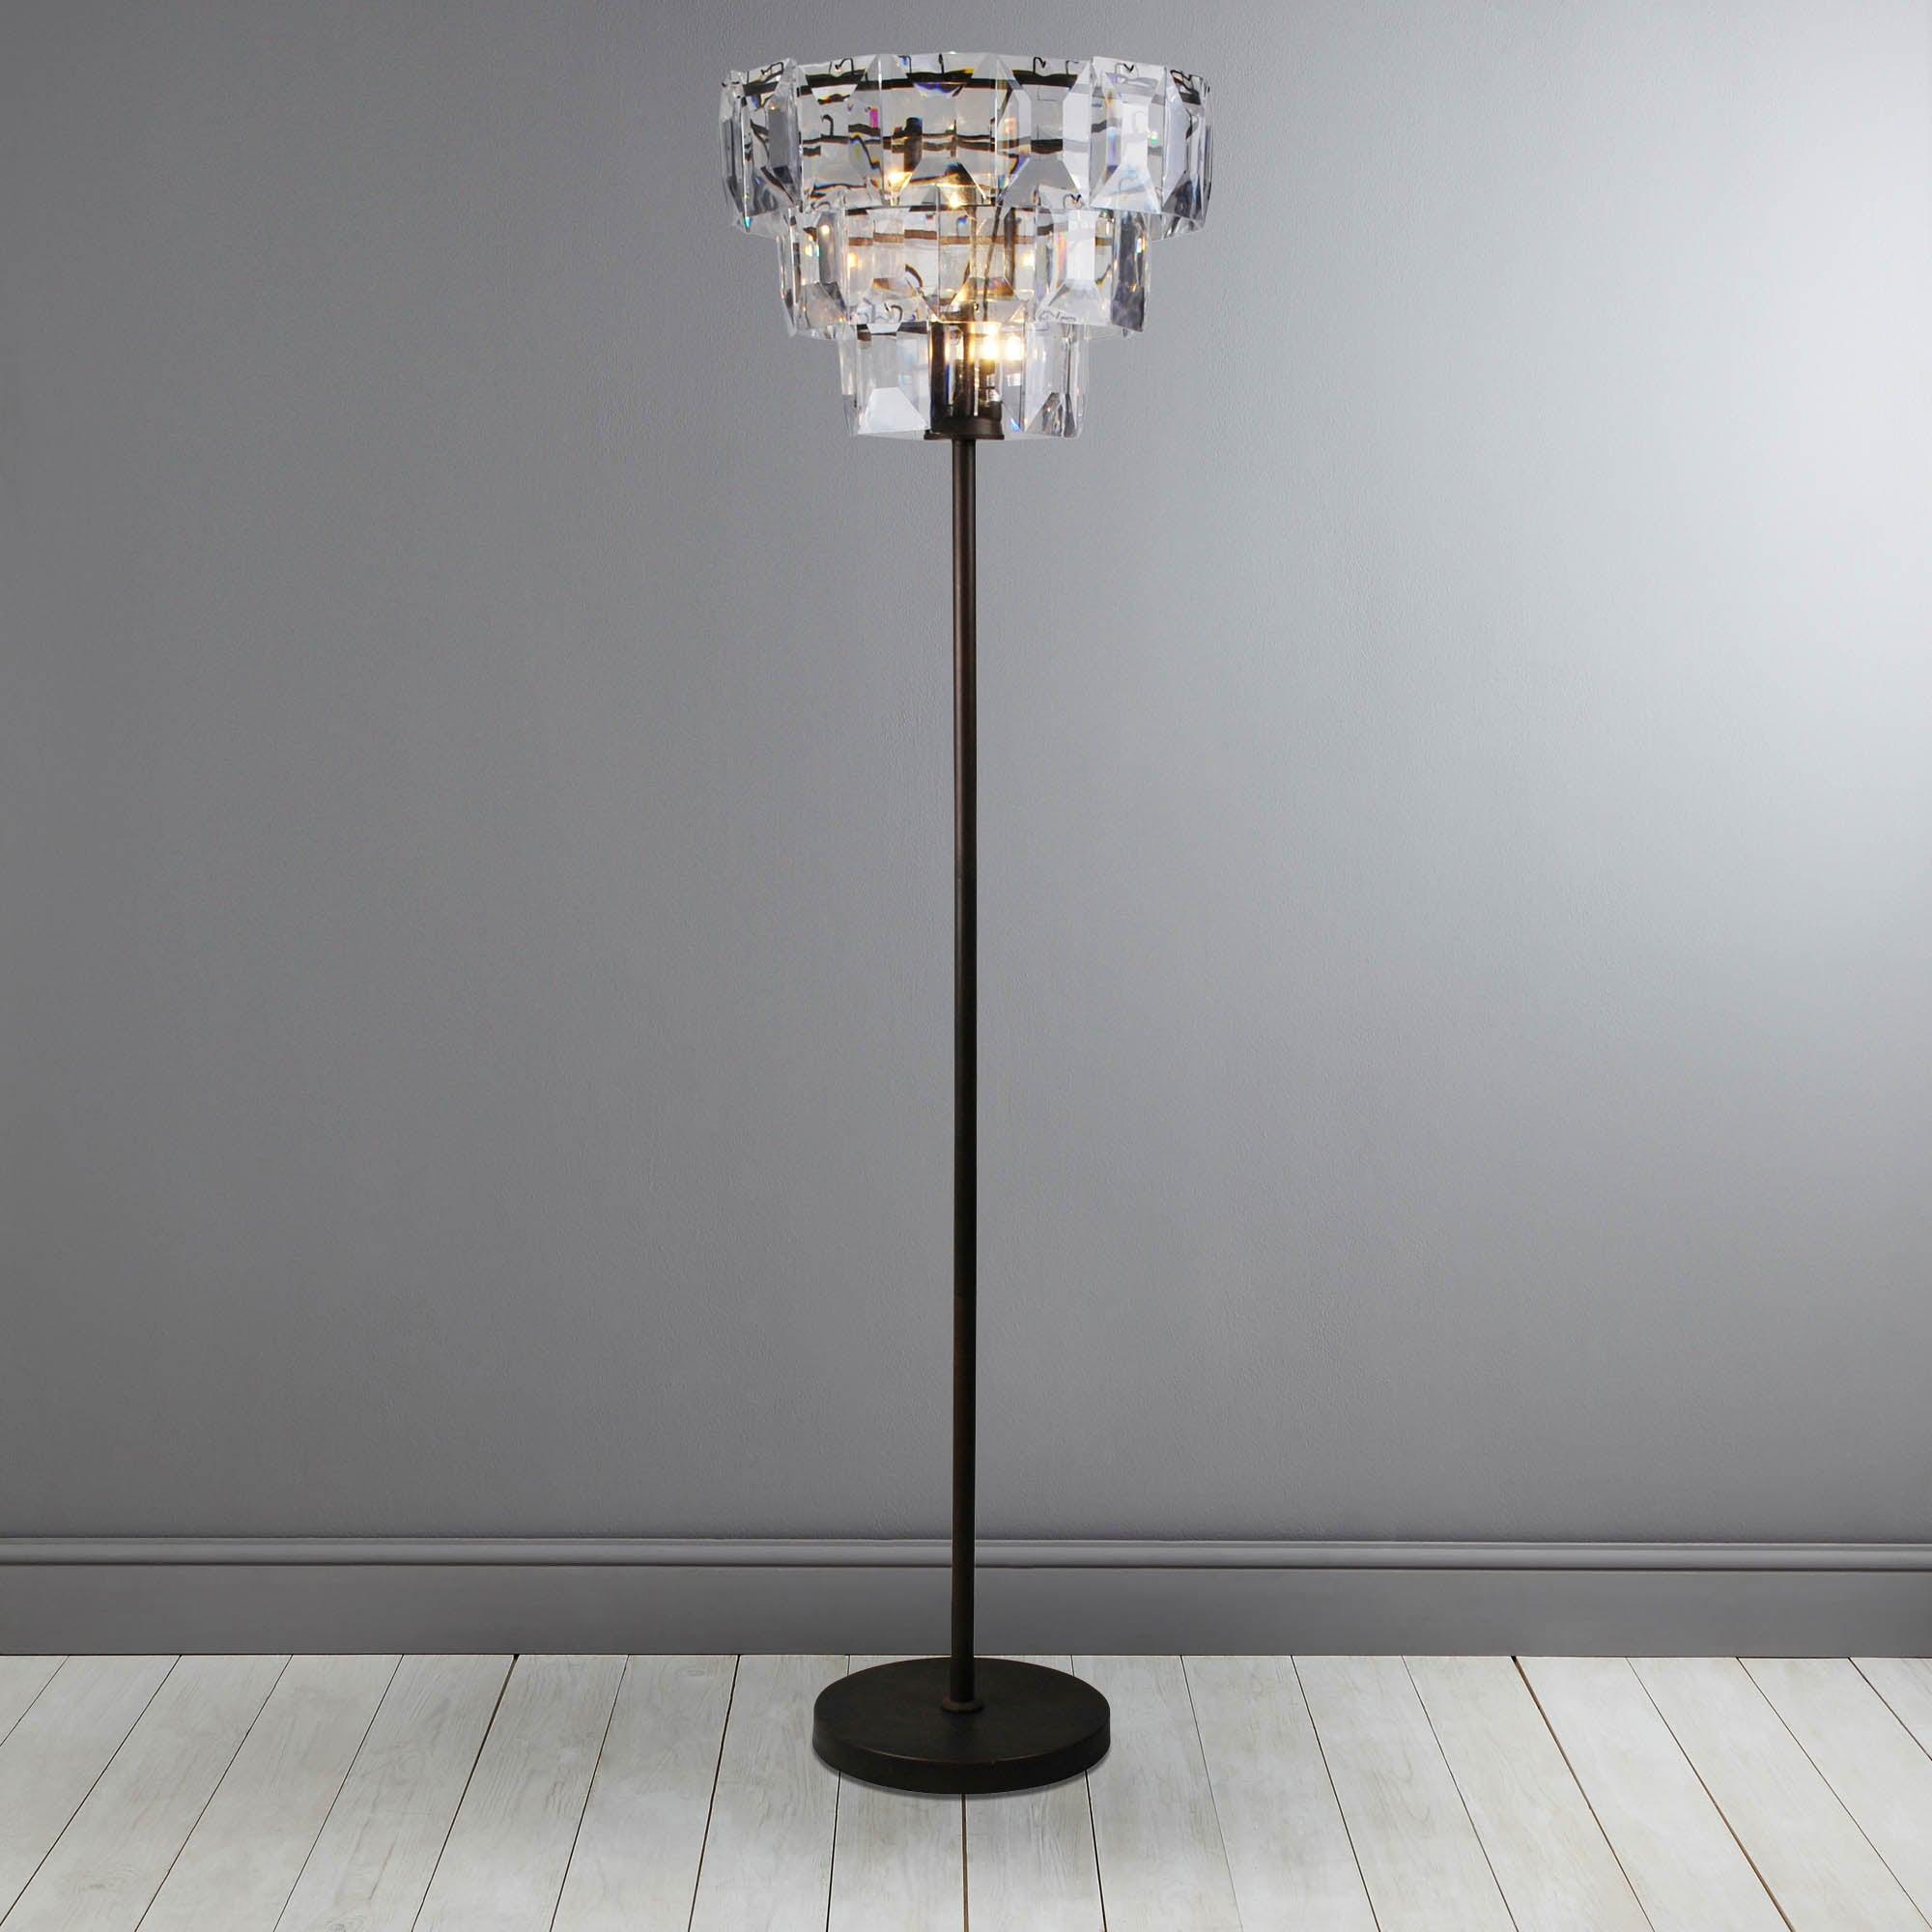 Photo of Claro bronze 3 tier floor lamp bronze